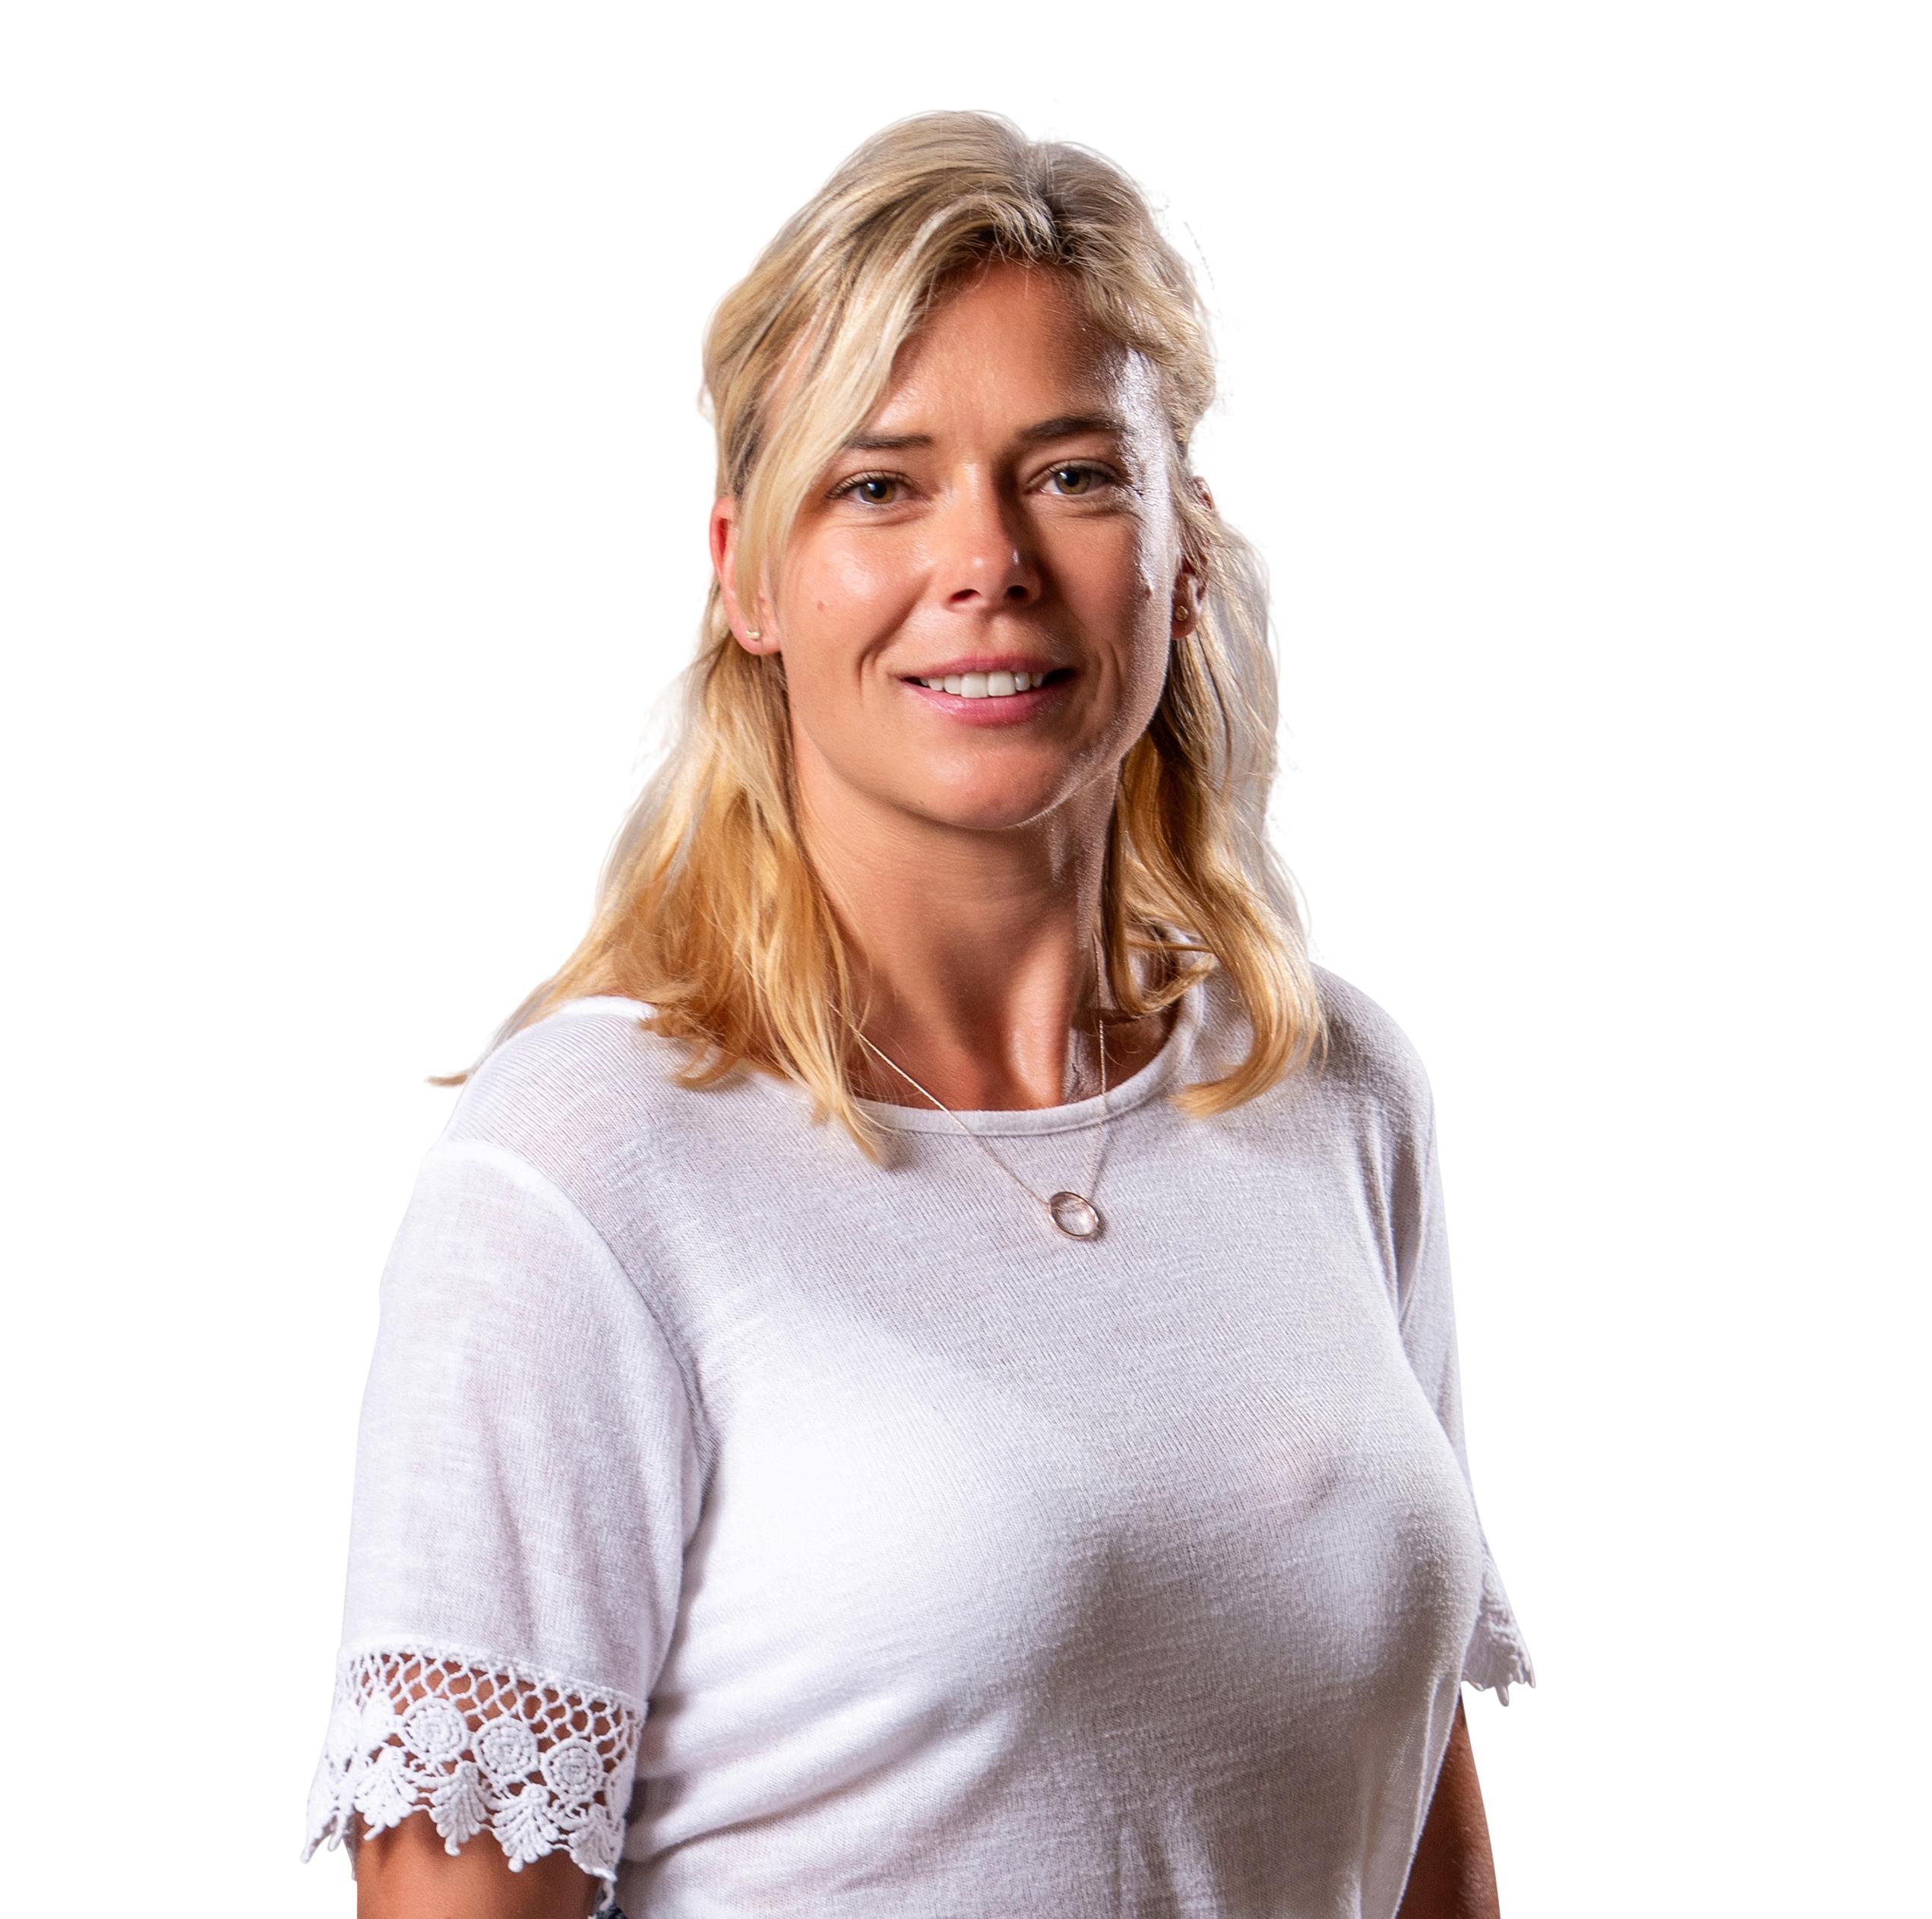 Karin König